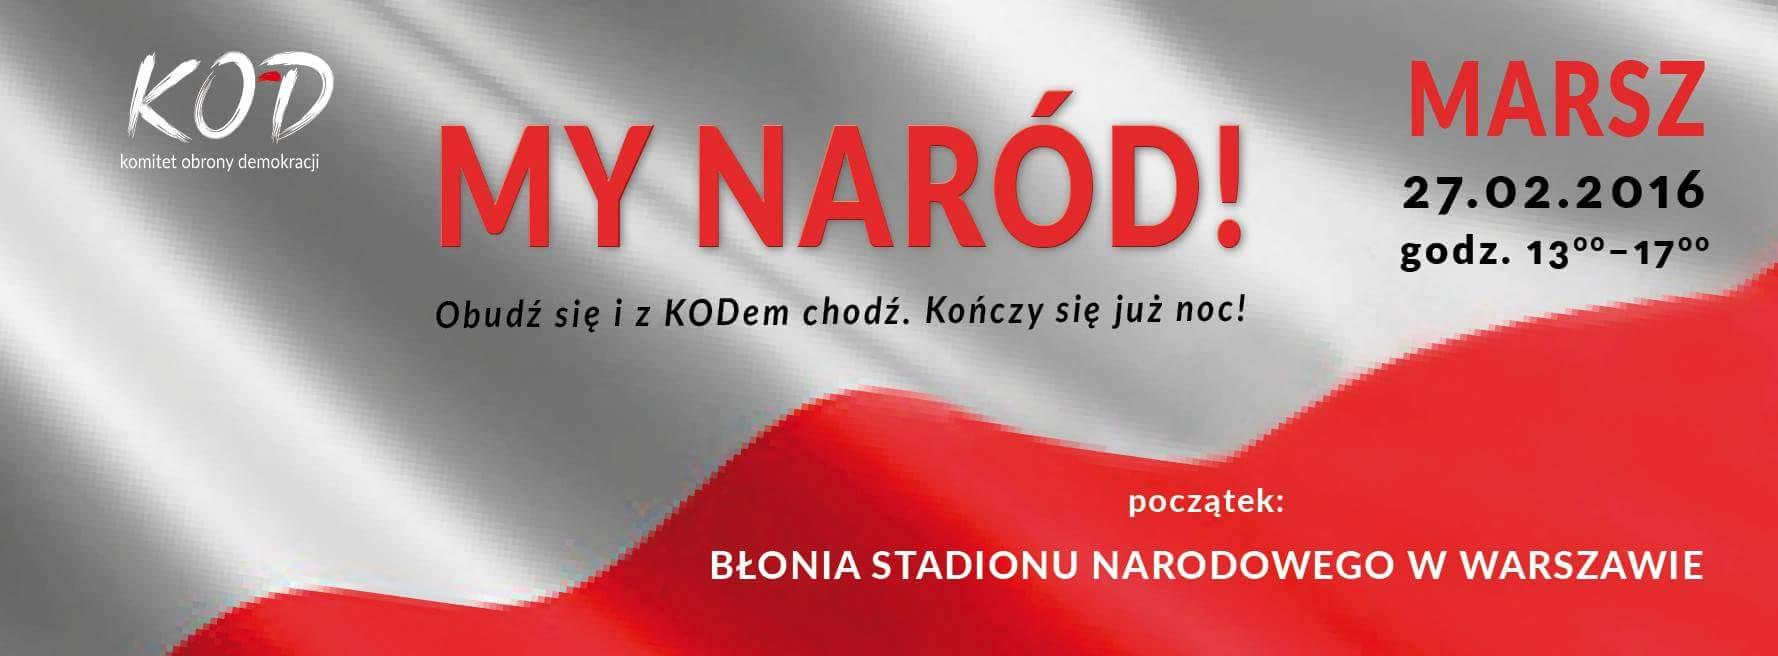 """2016-02-27: Marsz """"My, Naród!"""" na błoniach Stadionu Narodowego"""